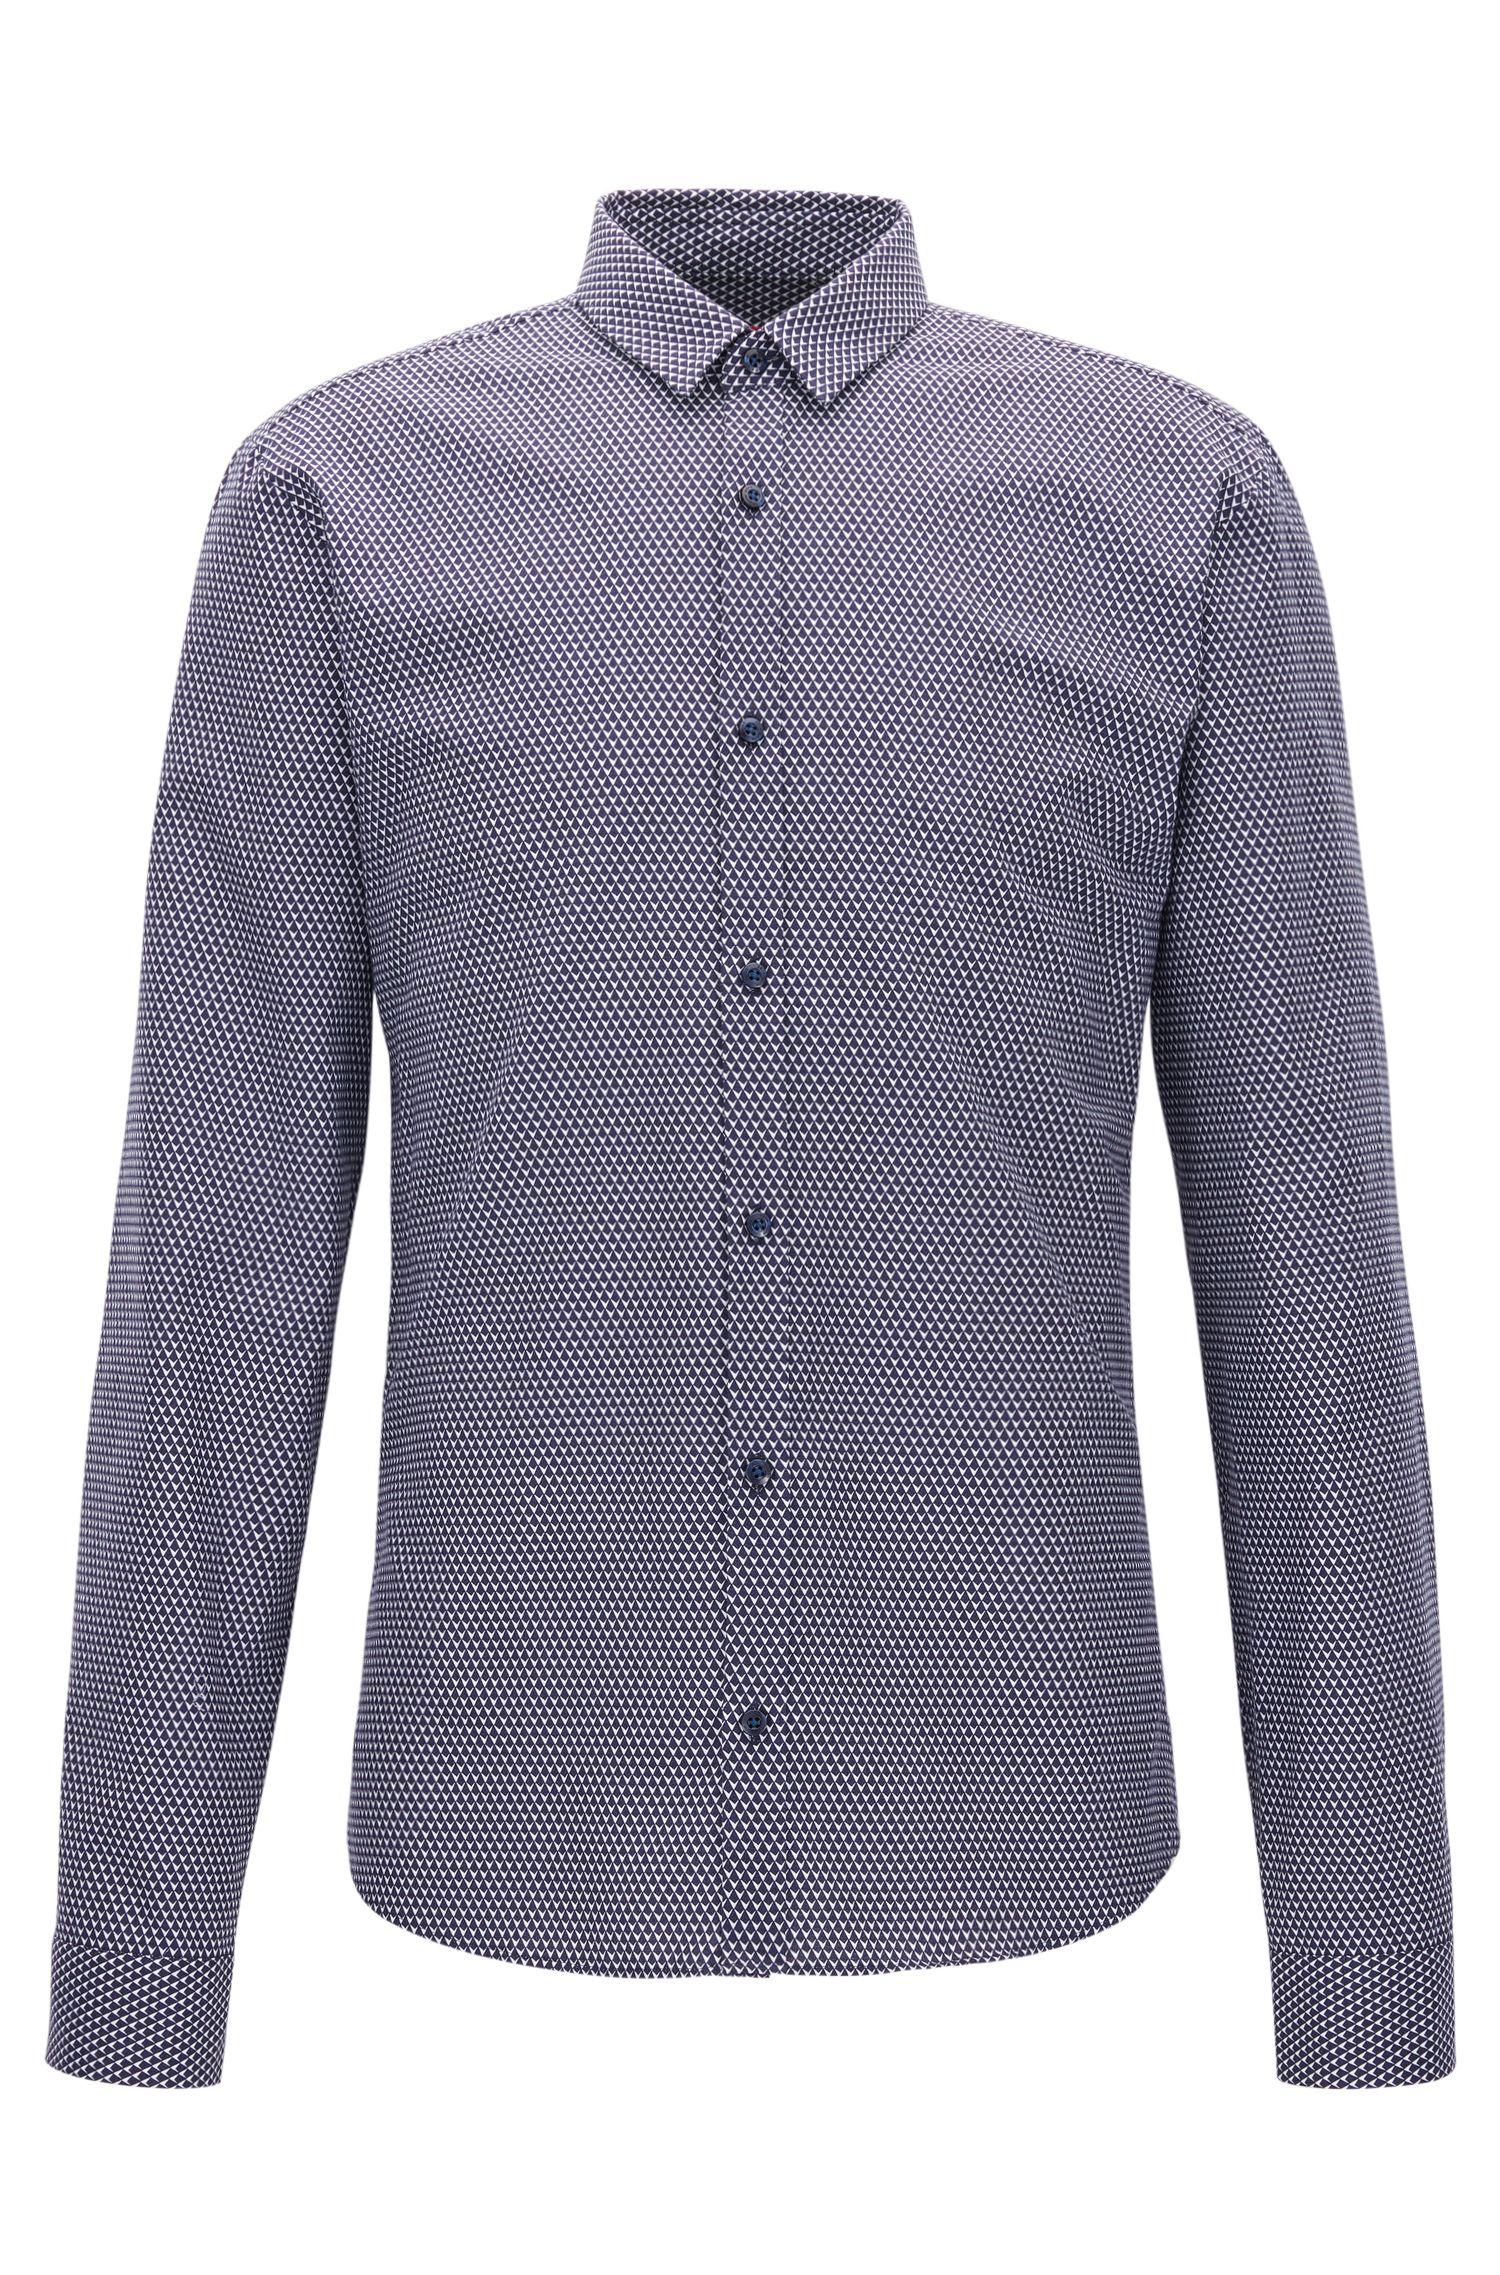 Slim-fit overhemd van middelzware corduroy met microprint